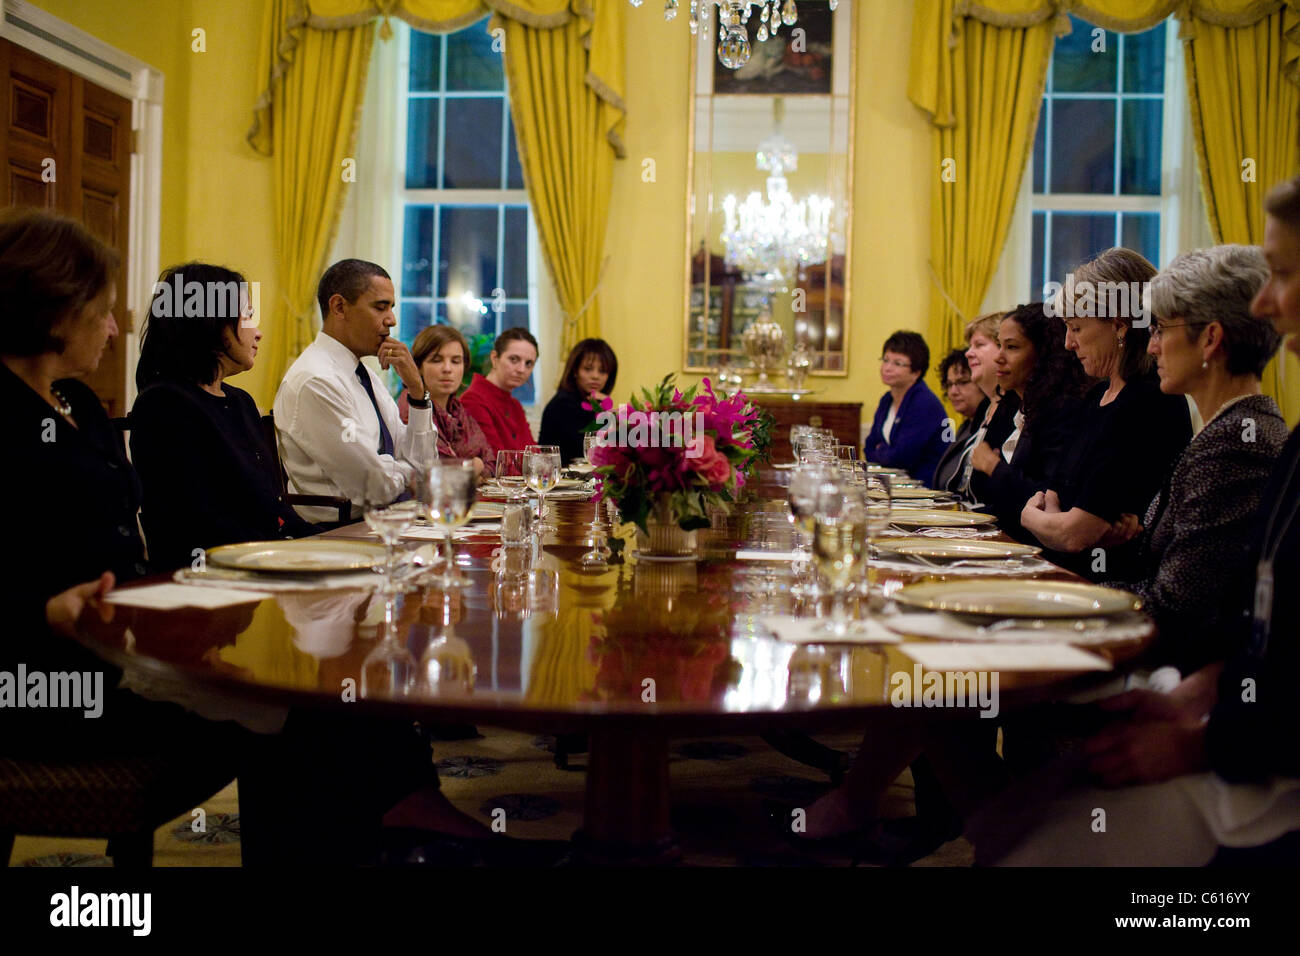 Präsident Obama besucht eine Frauen Abendessen mit Mitarbeitern in der alten Familie Dining Room des weißen Stockbild